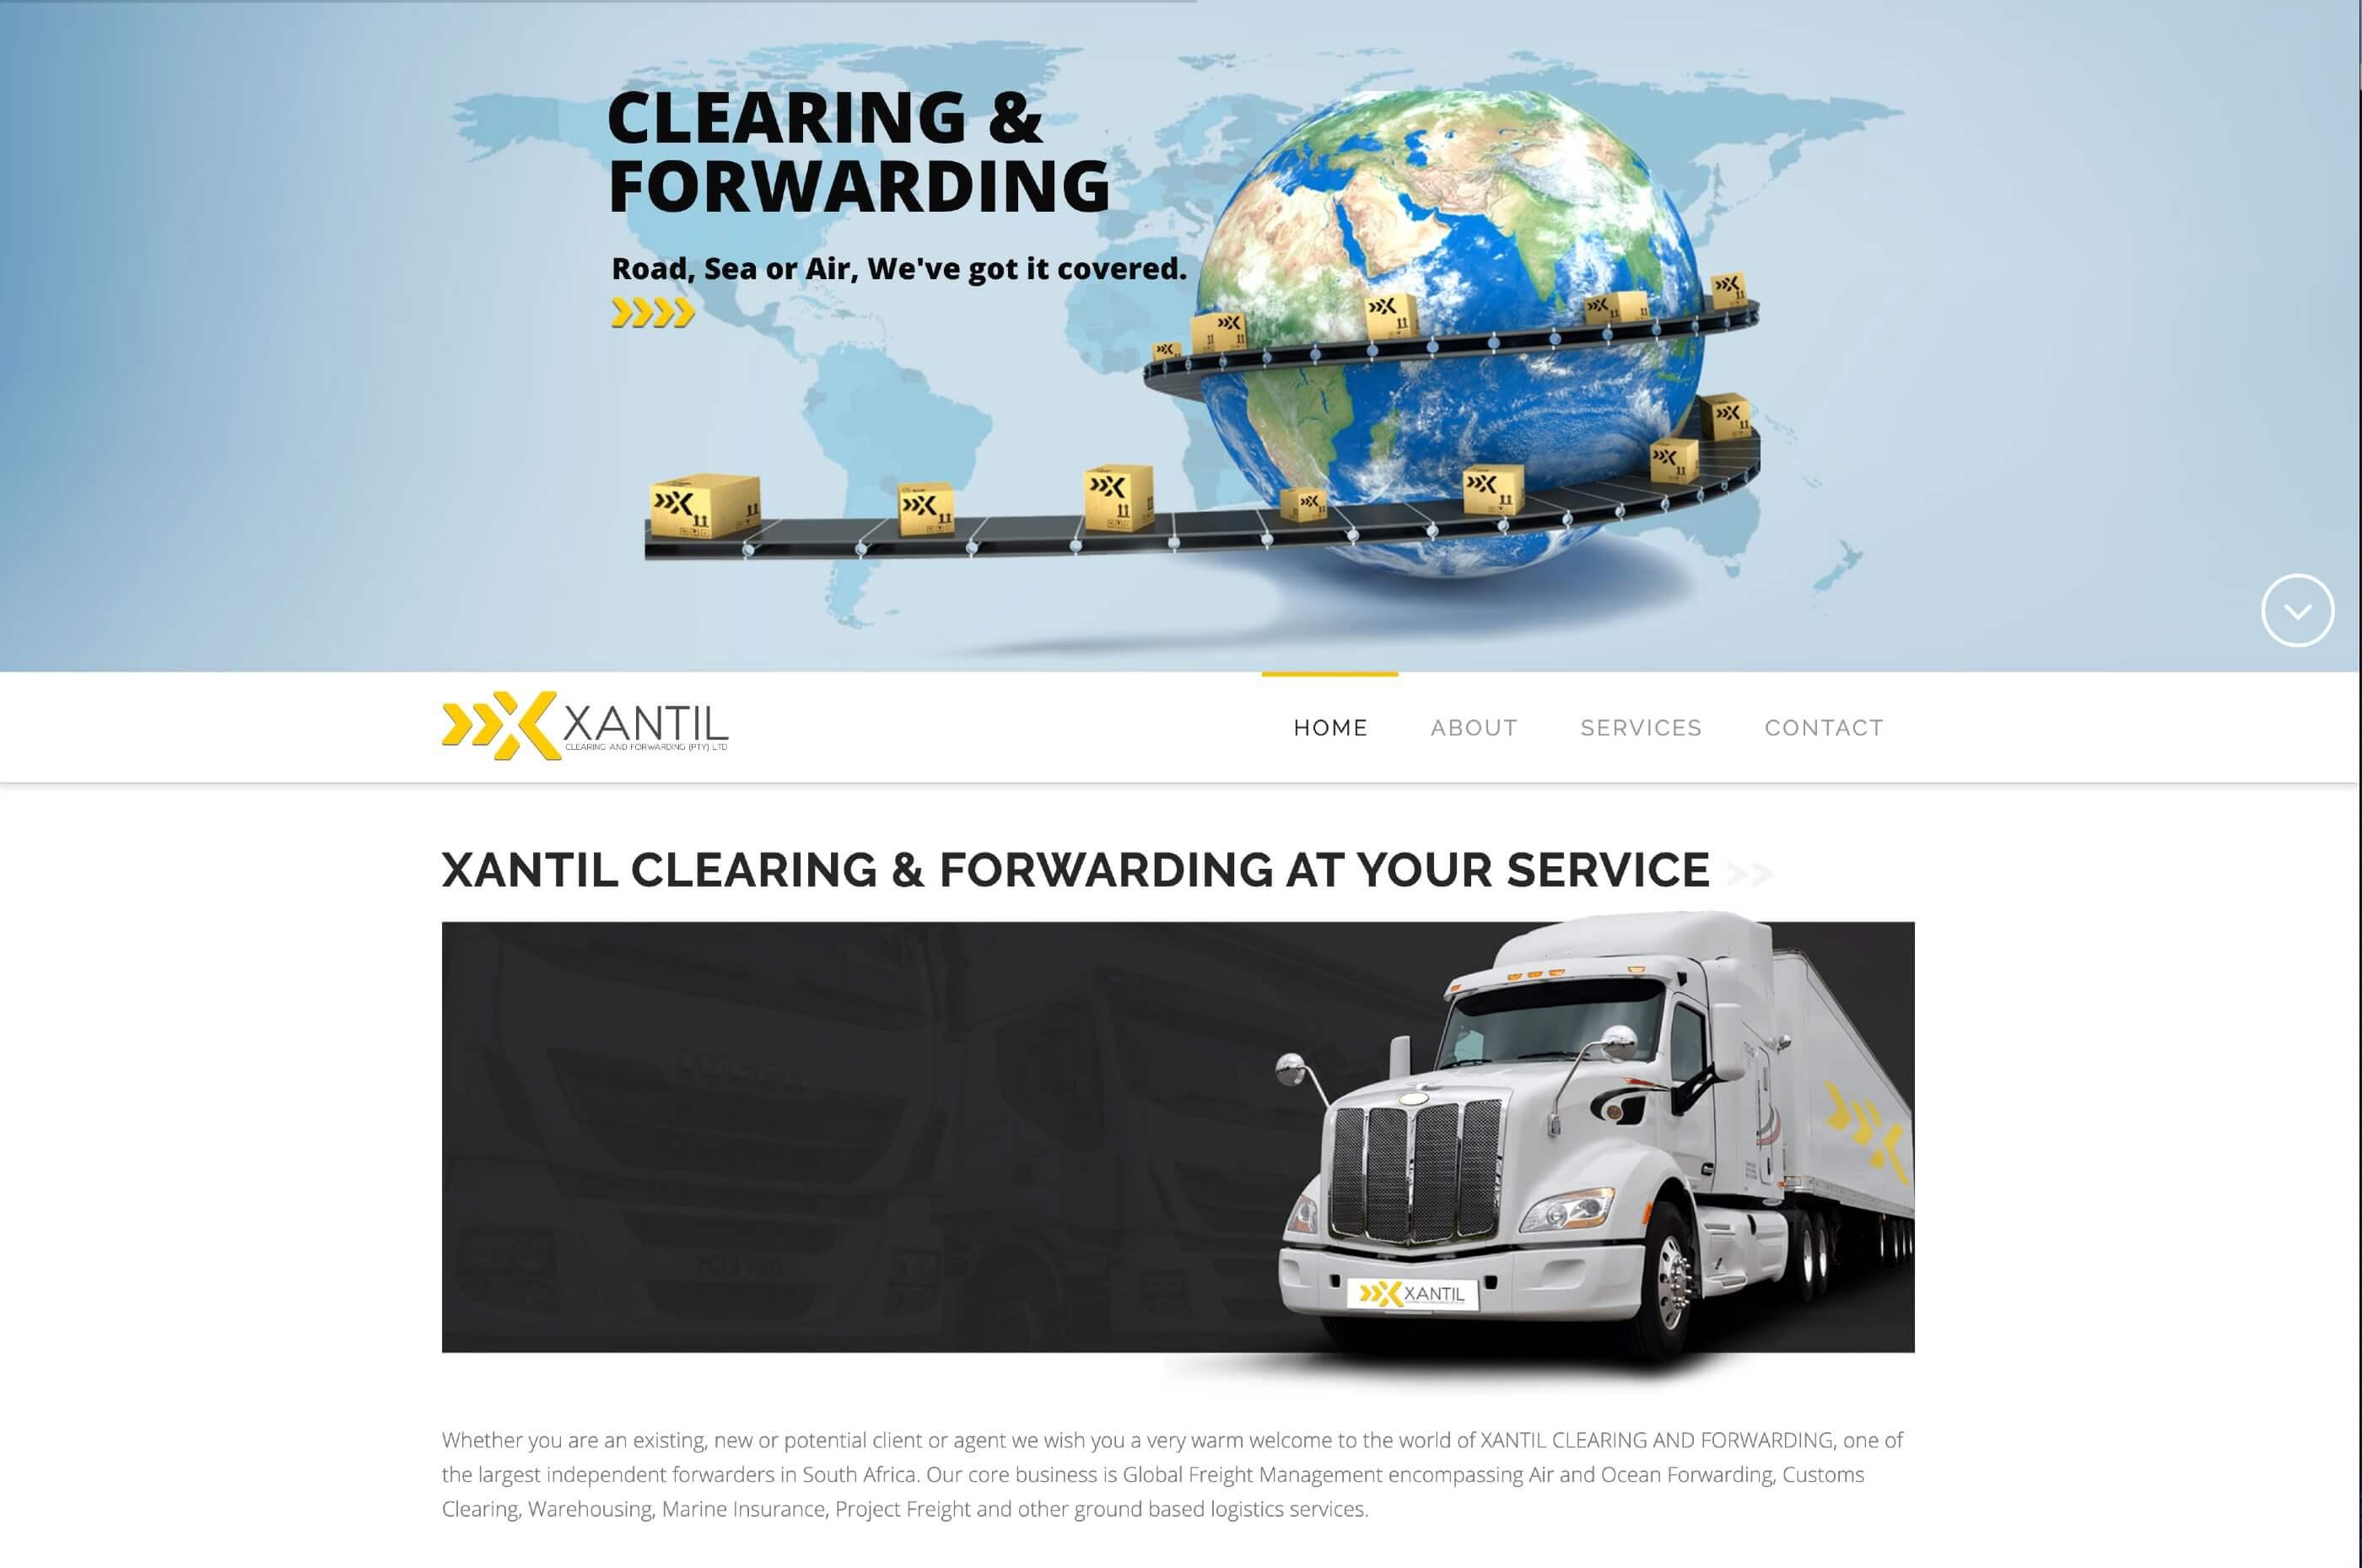 Xantil Website Screenshot